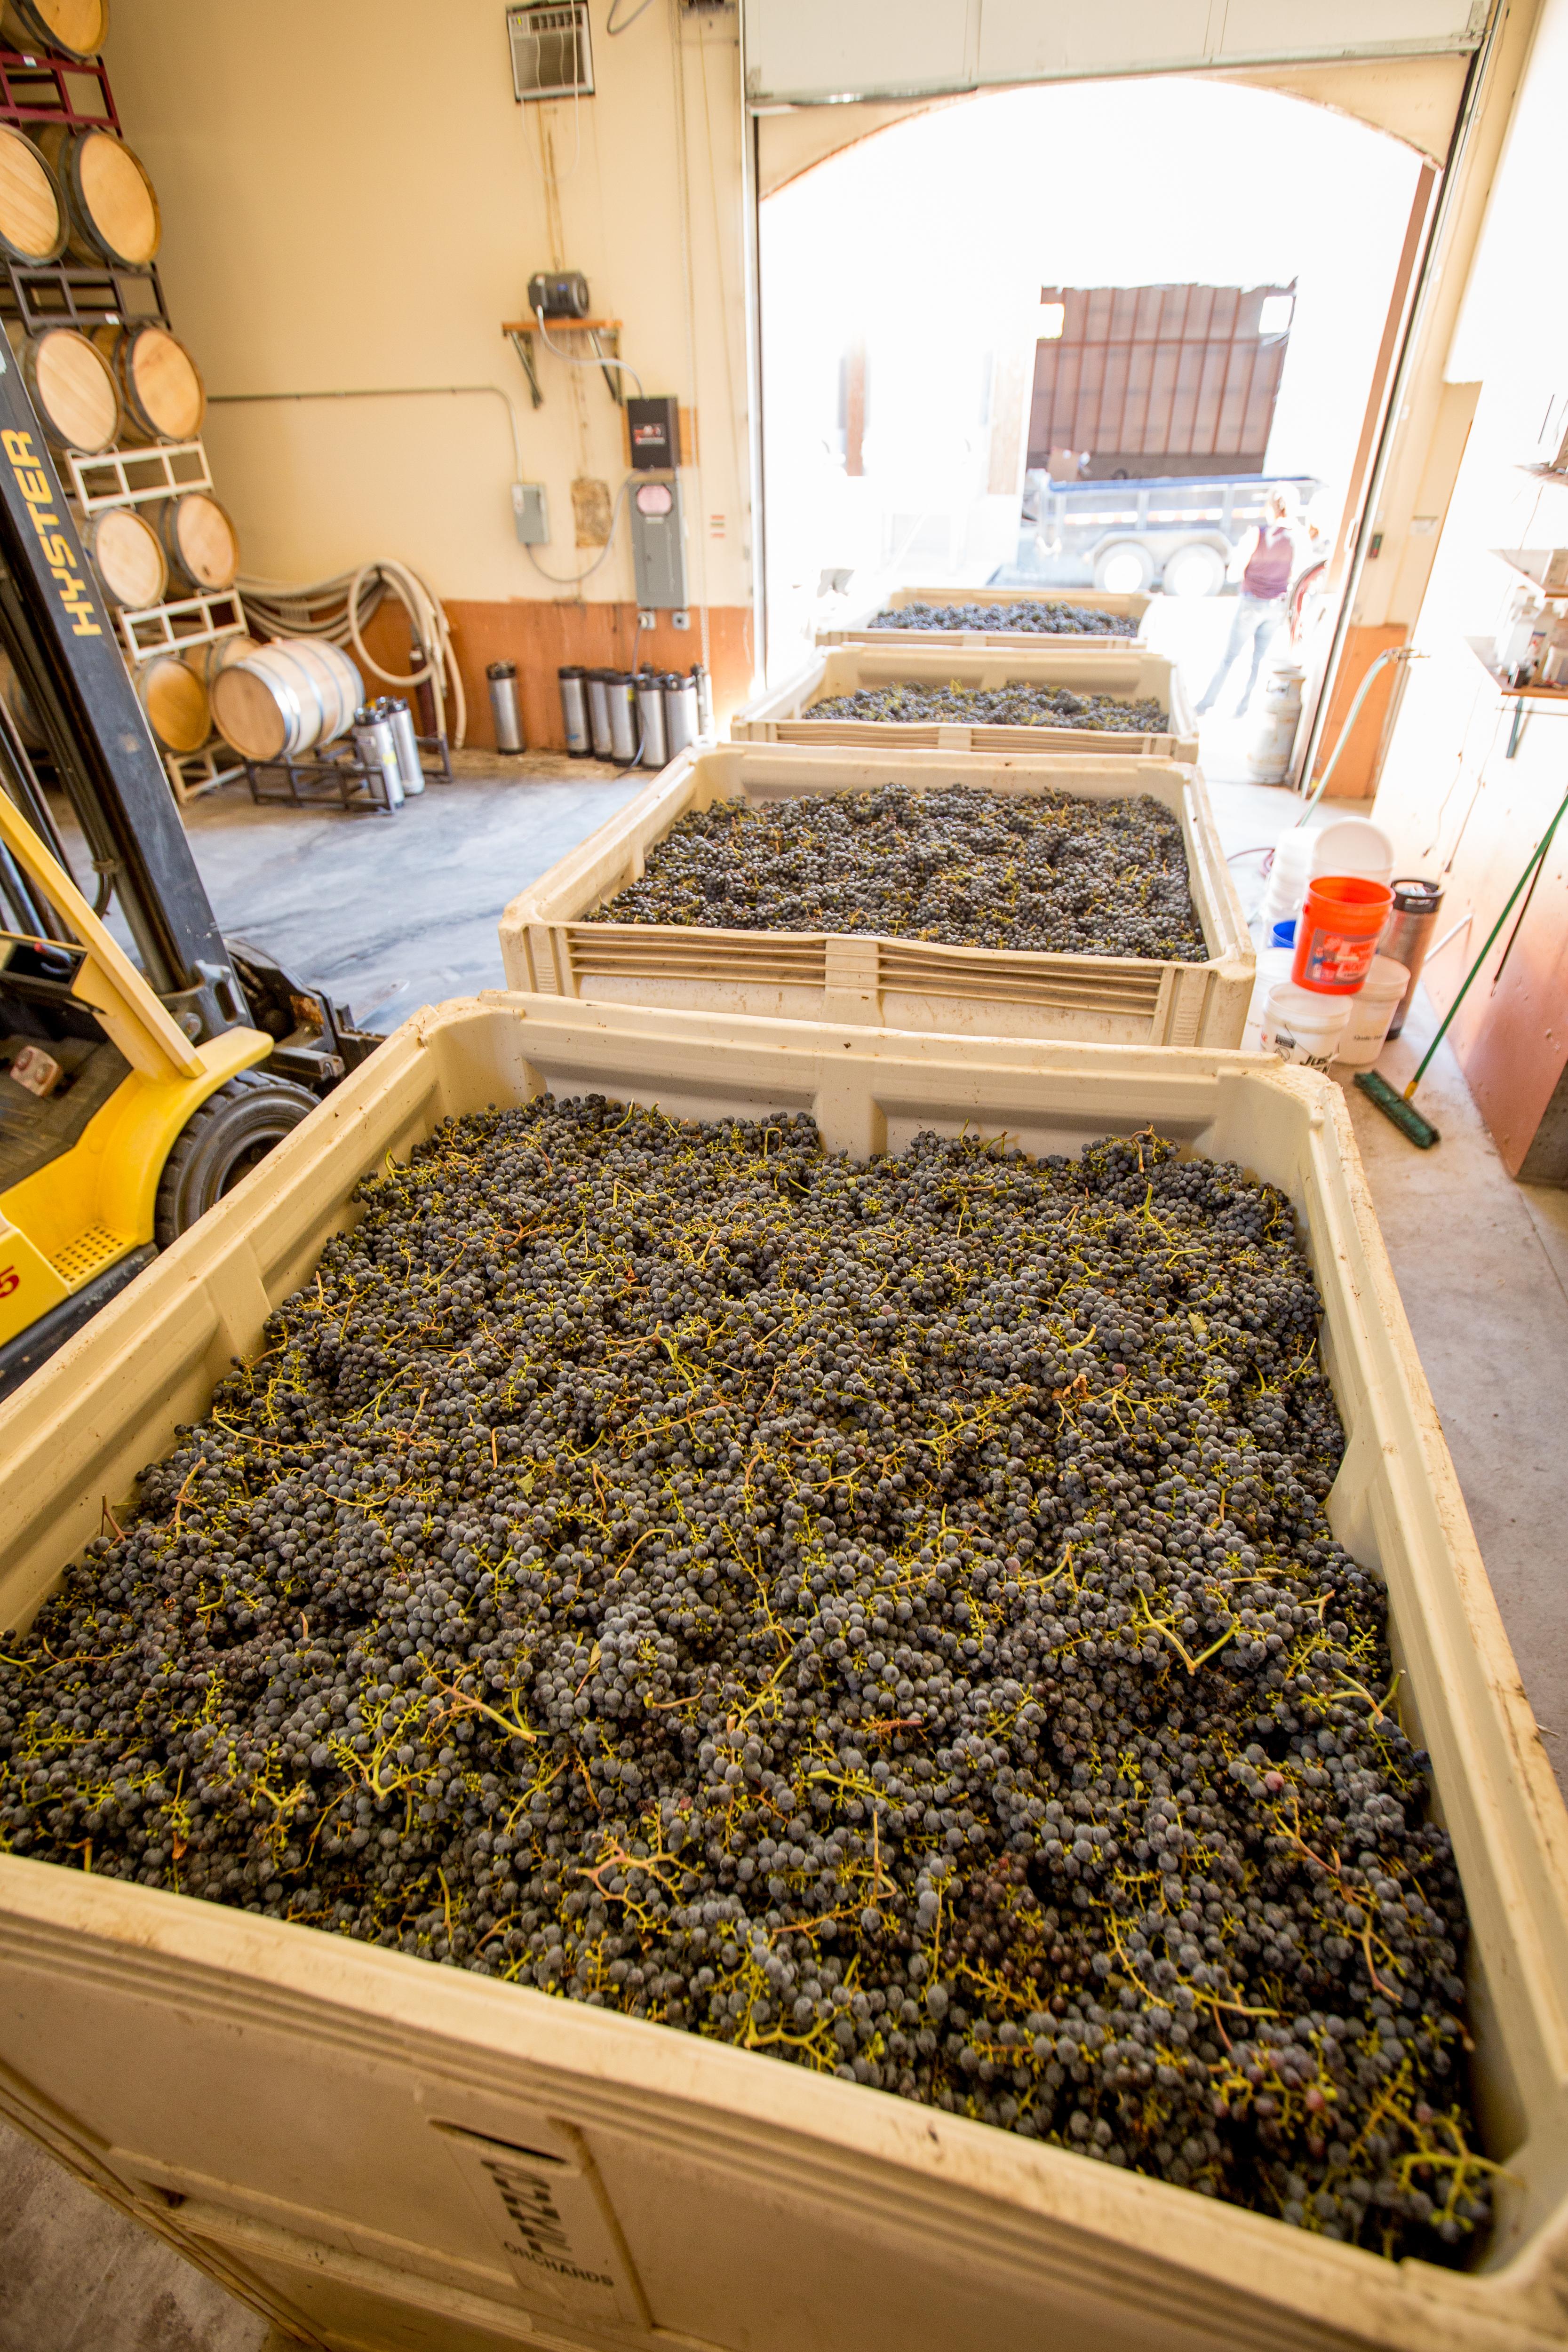 Jacob_Williams_Winery_harvest